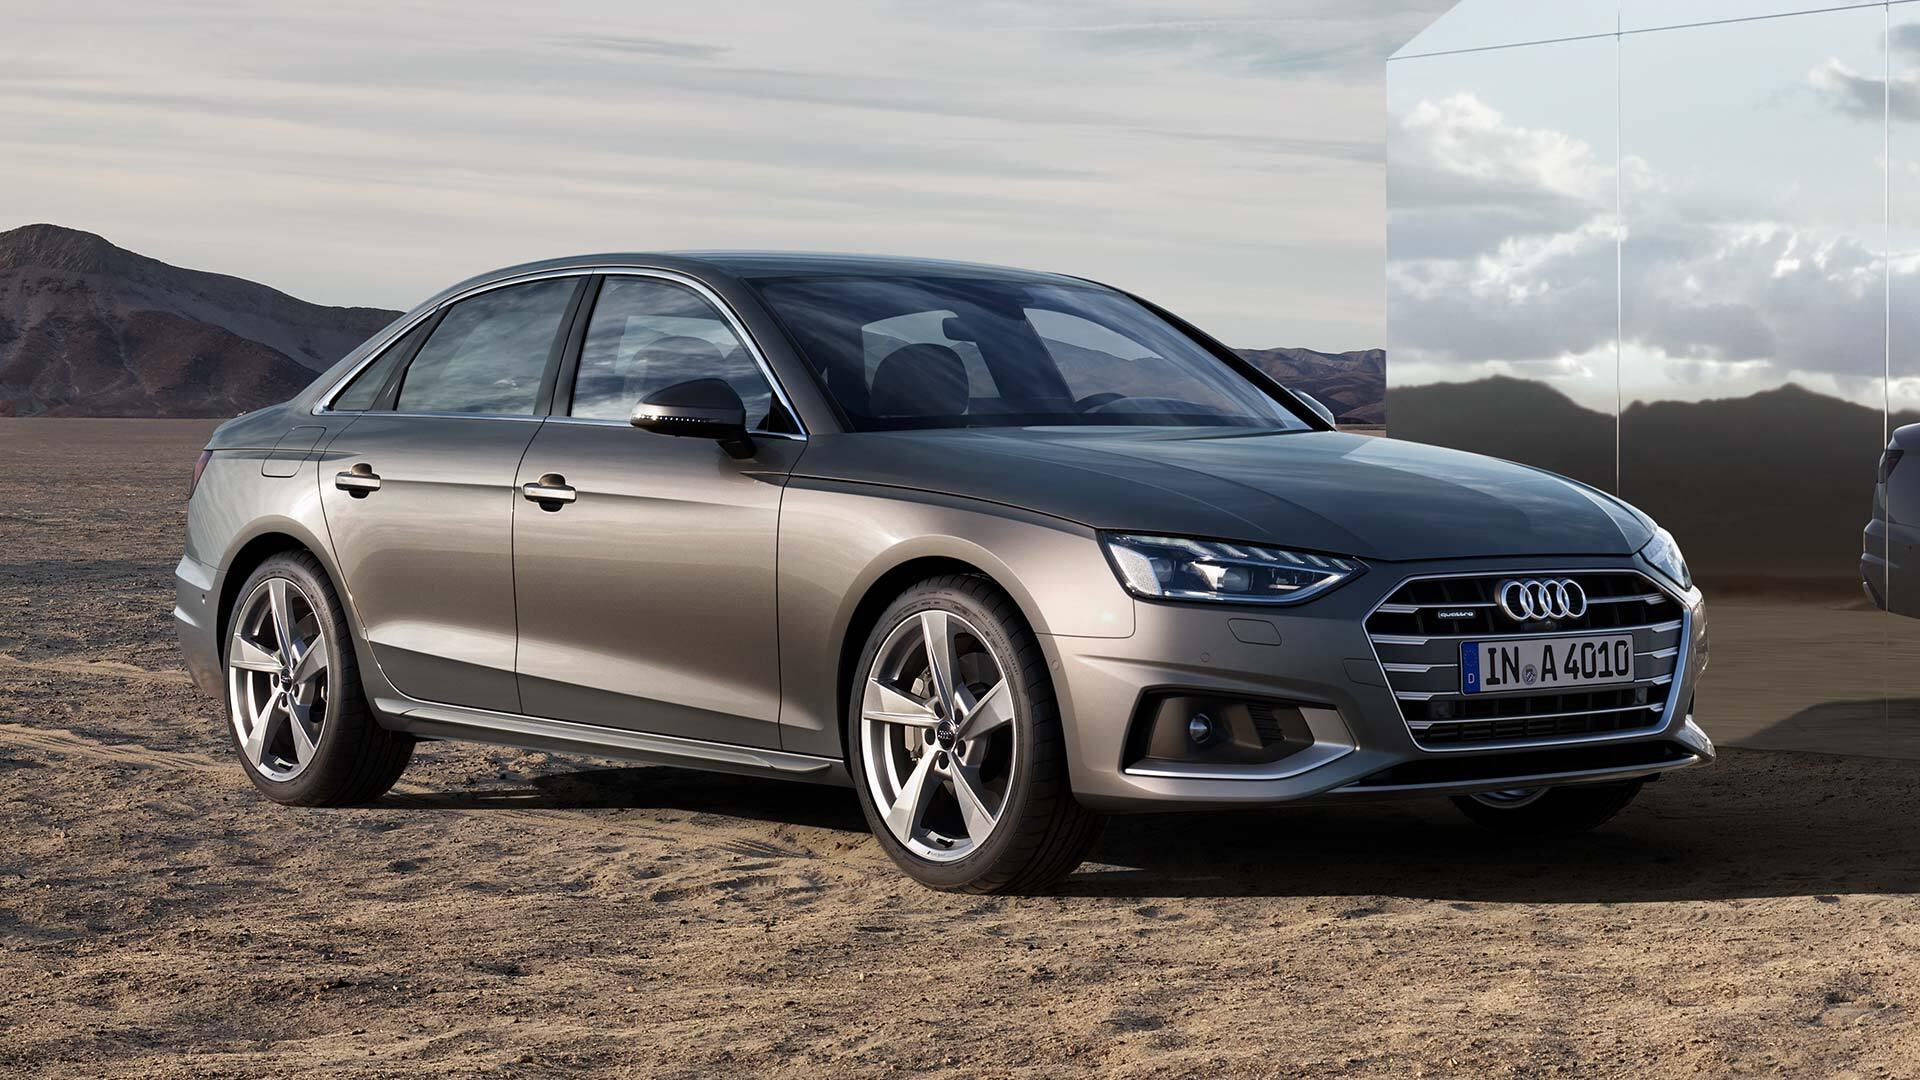 Kelebihan Kekurangan Audi 4 Spesifikasi